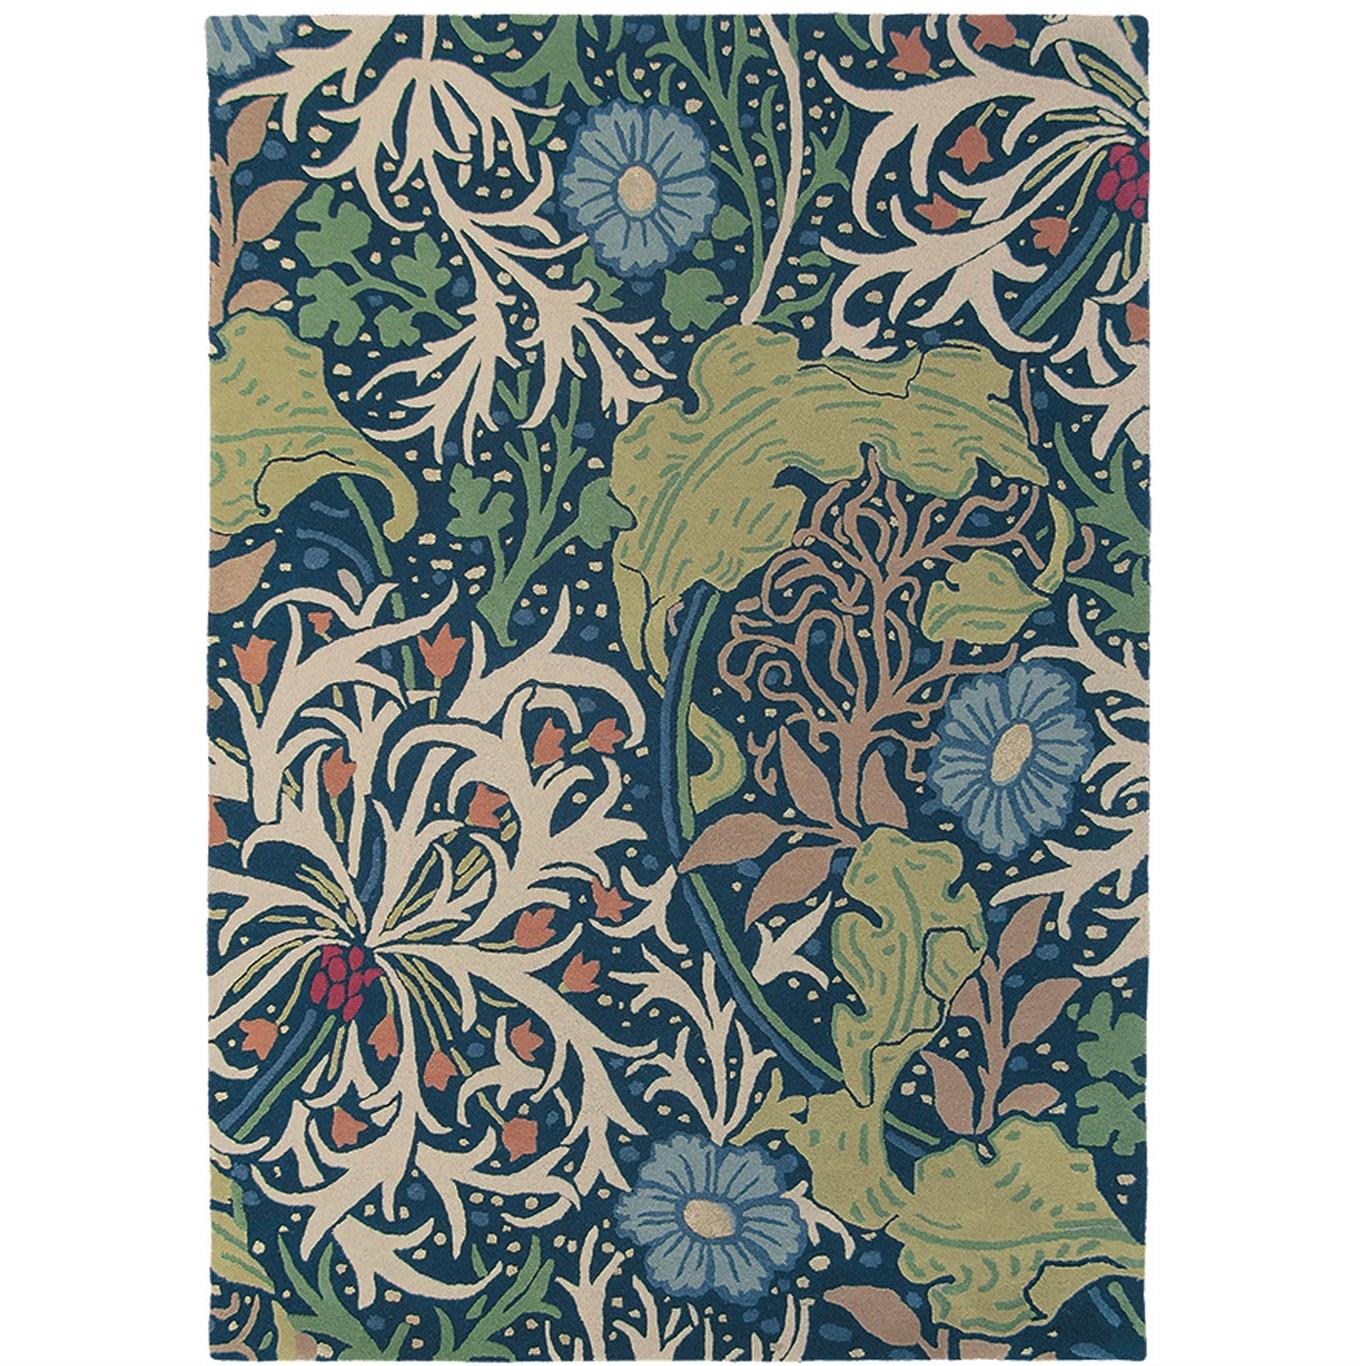 Image of Morris & Co Seaweed Ink Rug 28008